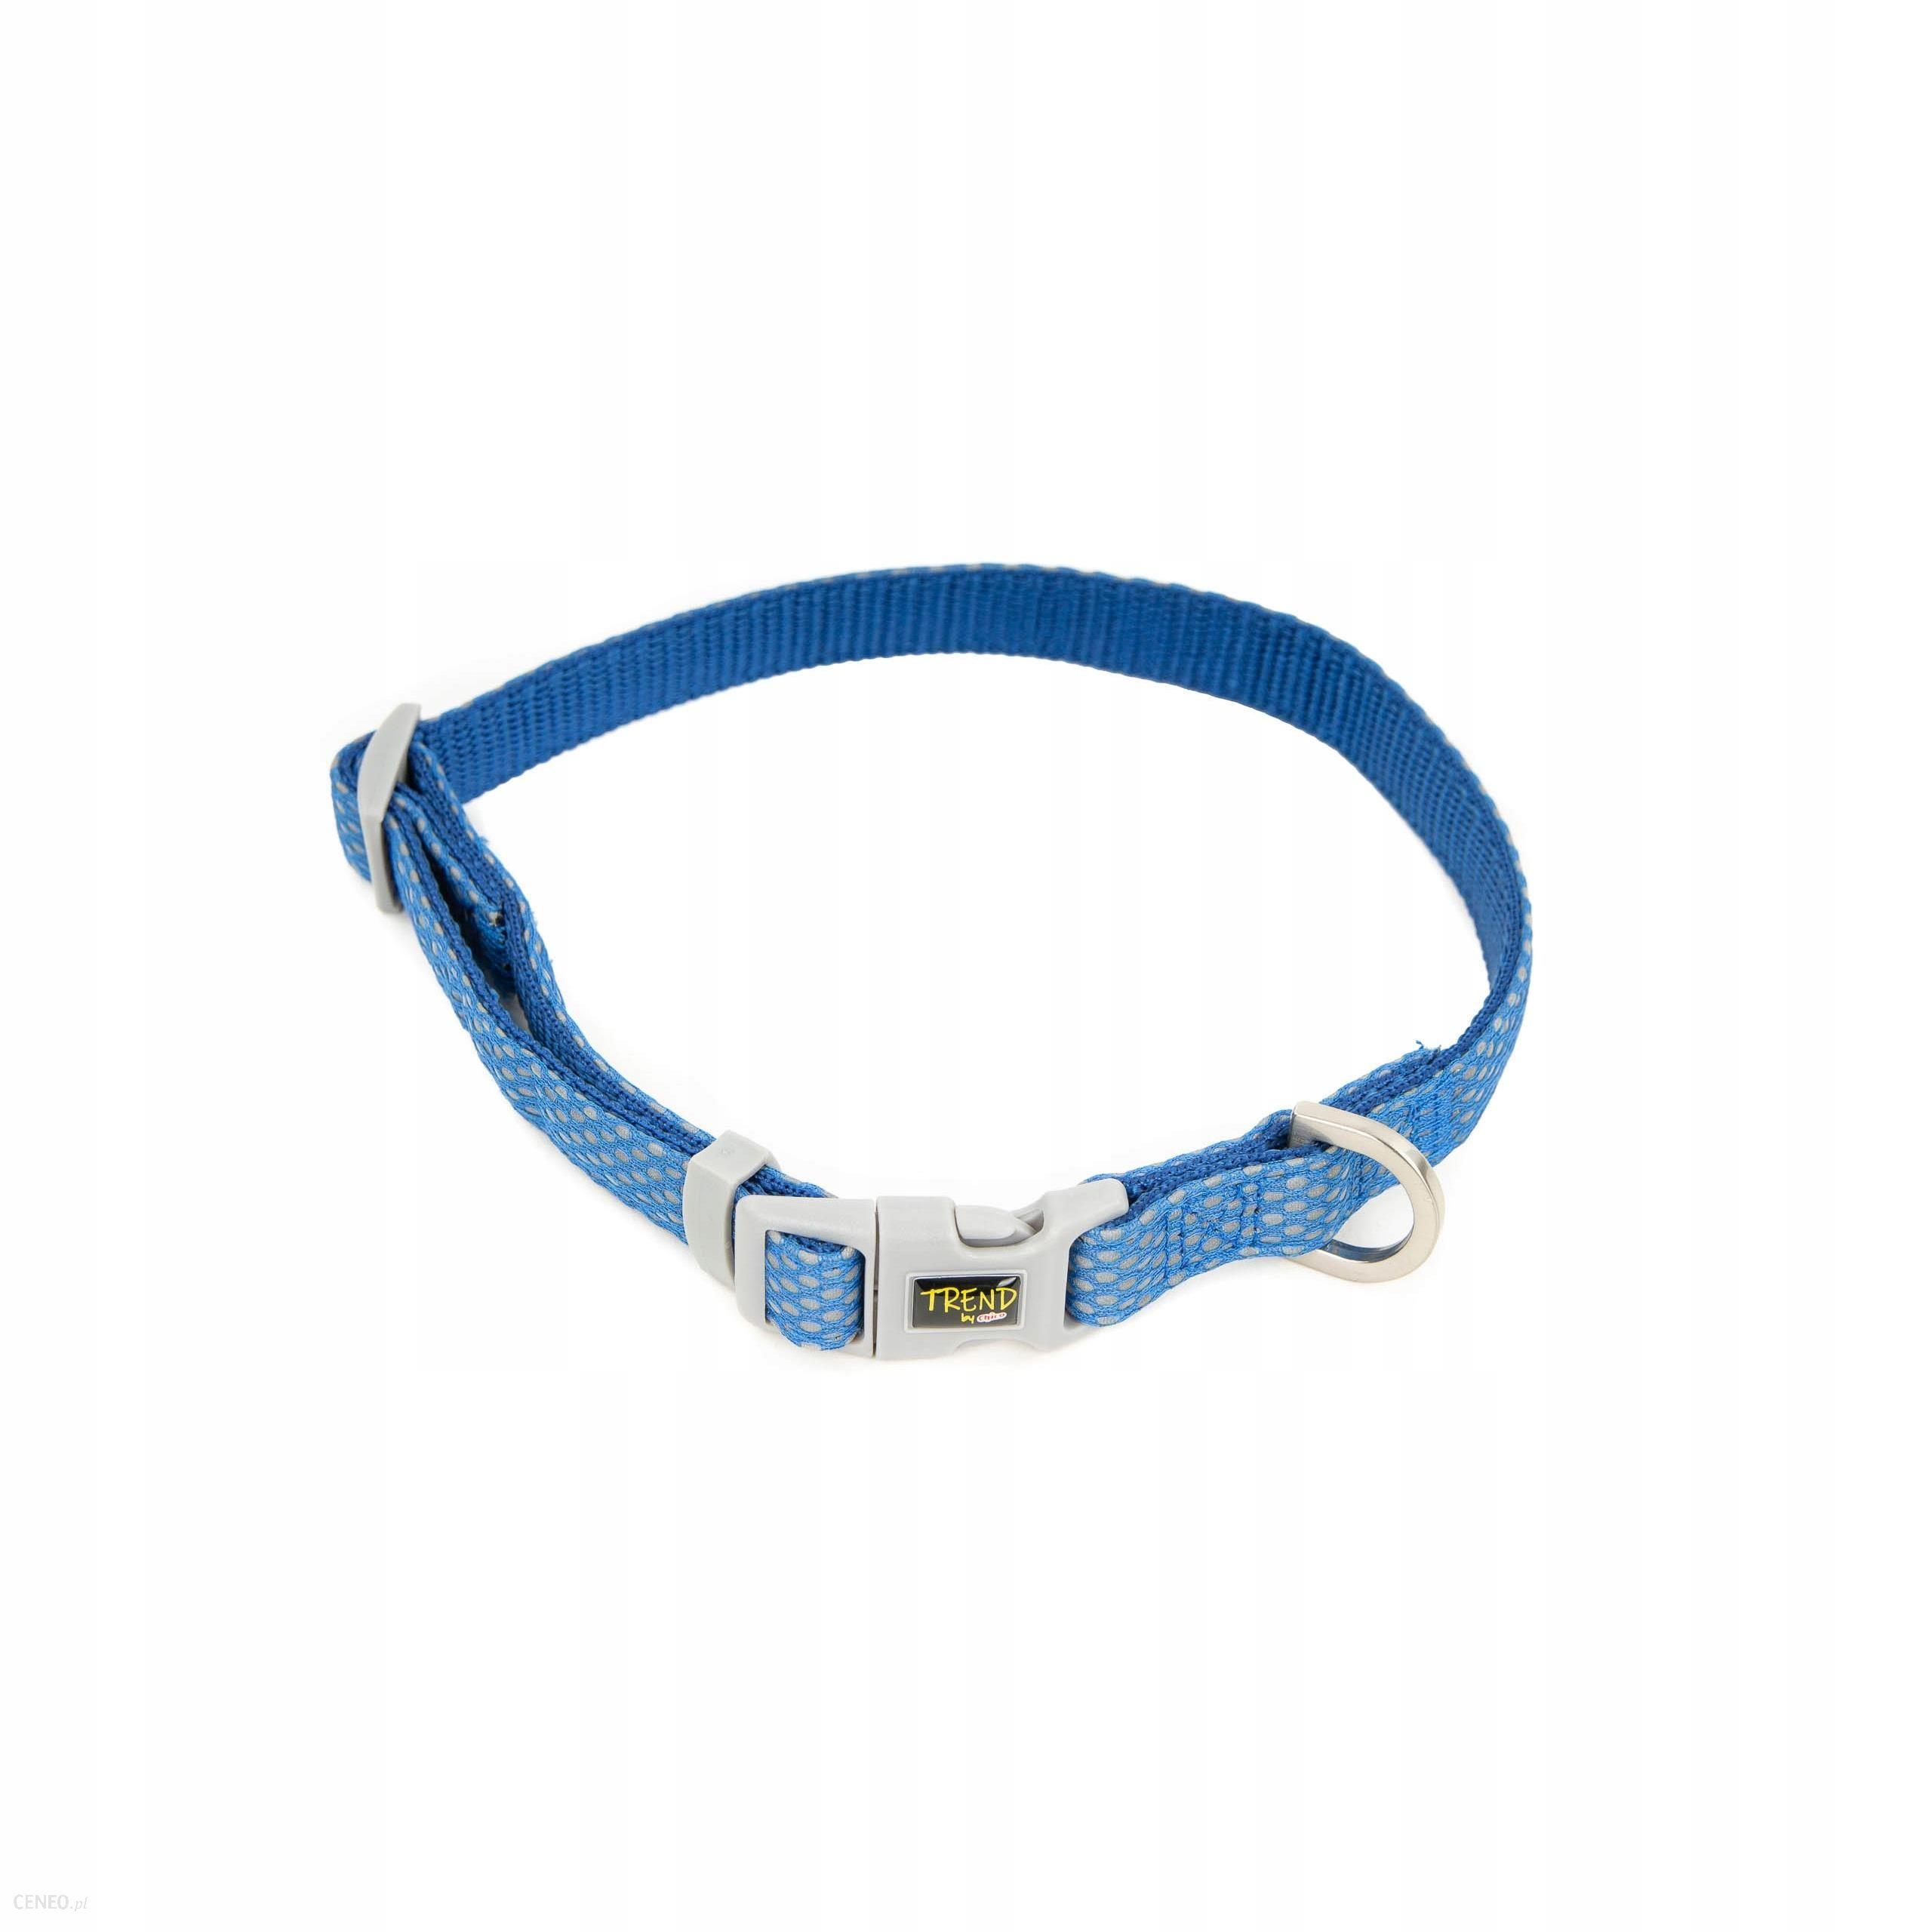 Obroża Trend Dots na Click 40-66cm Niebiesk 25mm